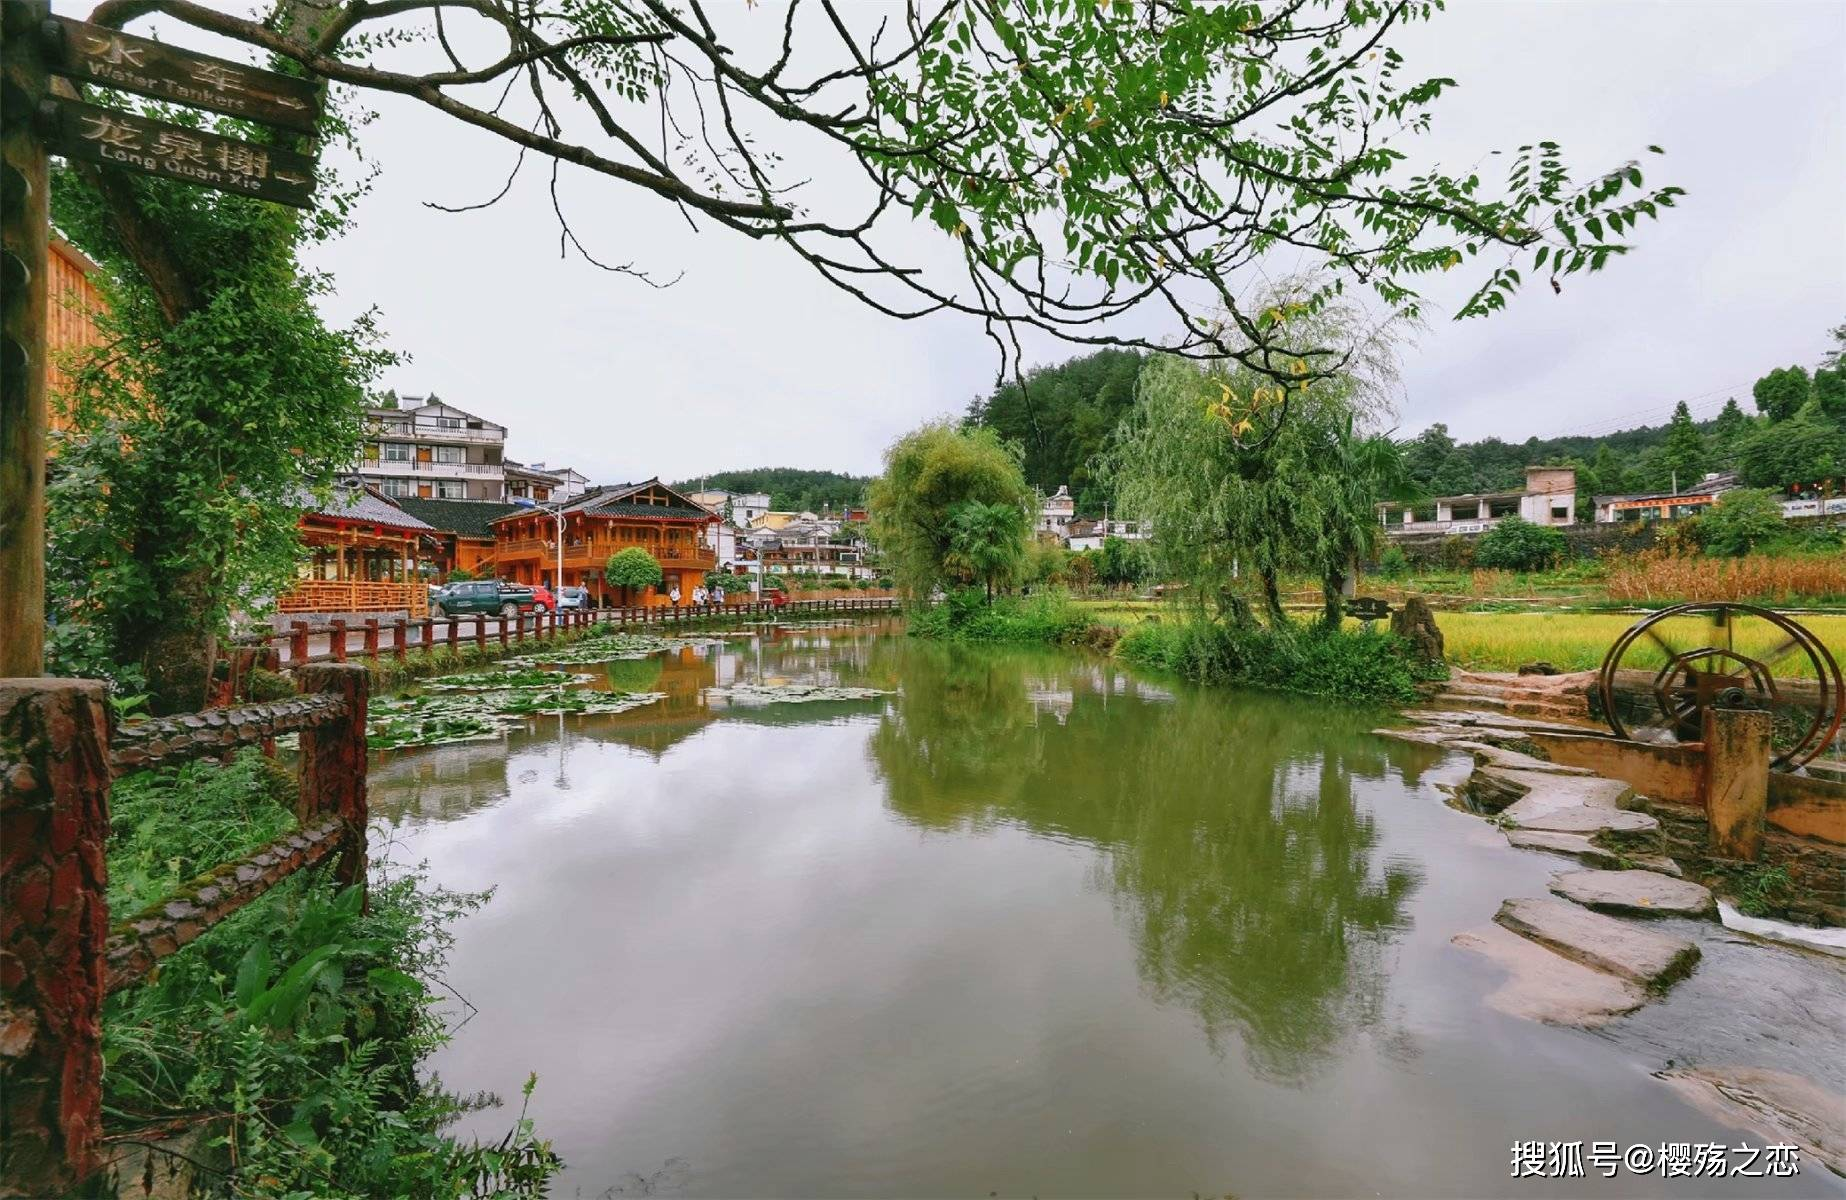 """中国最美村镇之一,以布依风情闻名遐迩,被誉为""""庖汤第一村"""""""